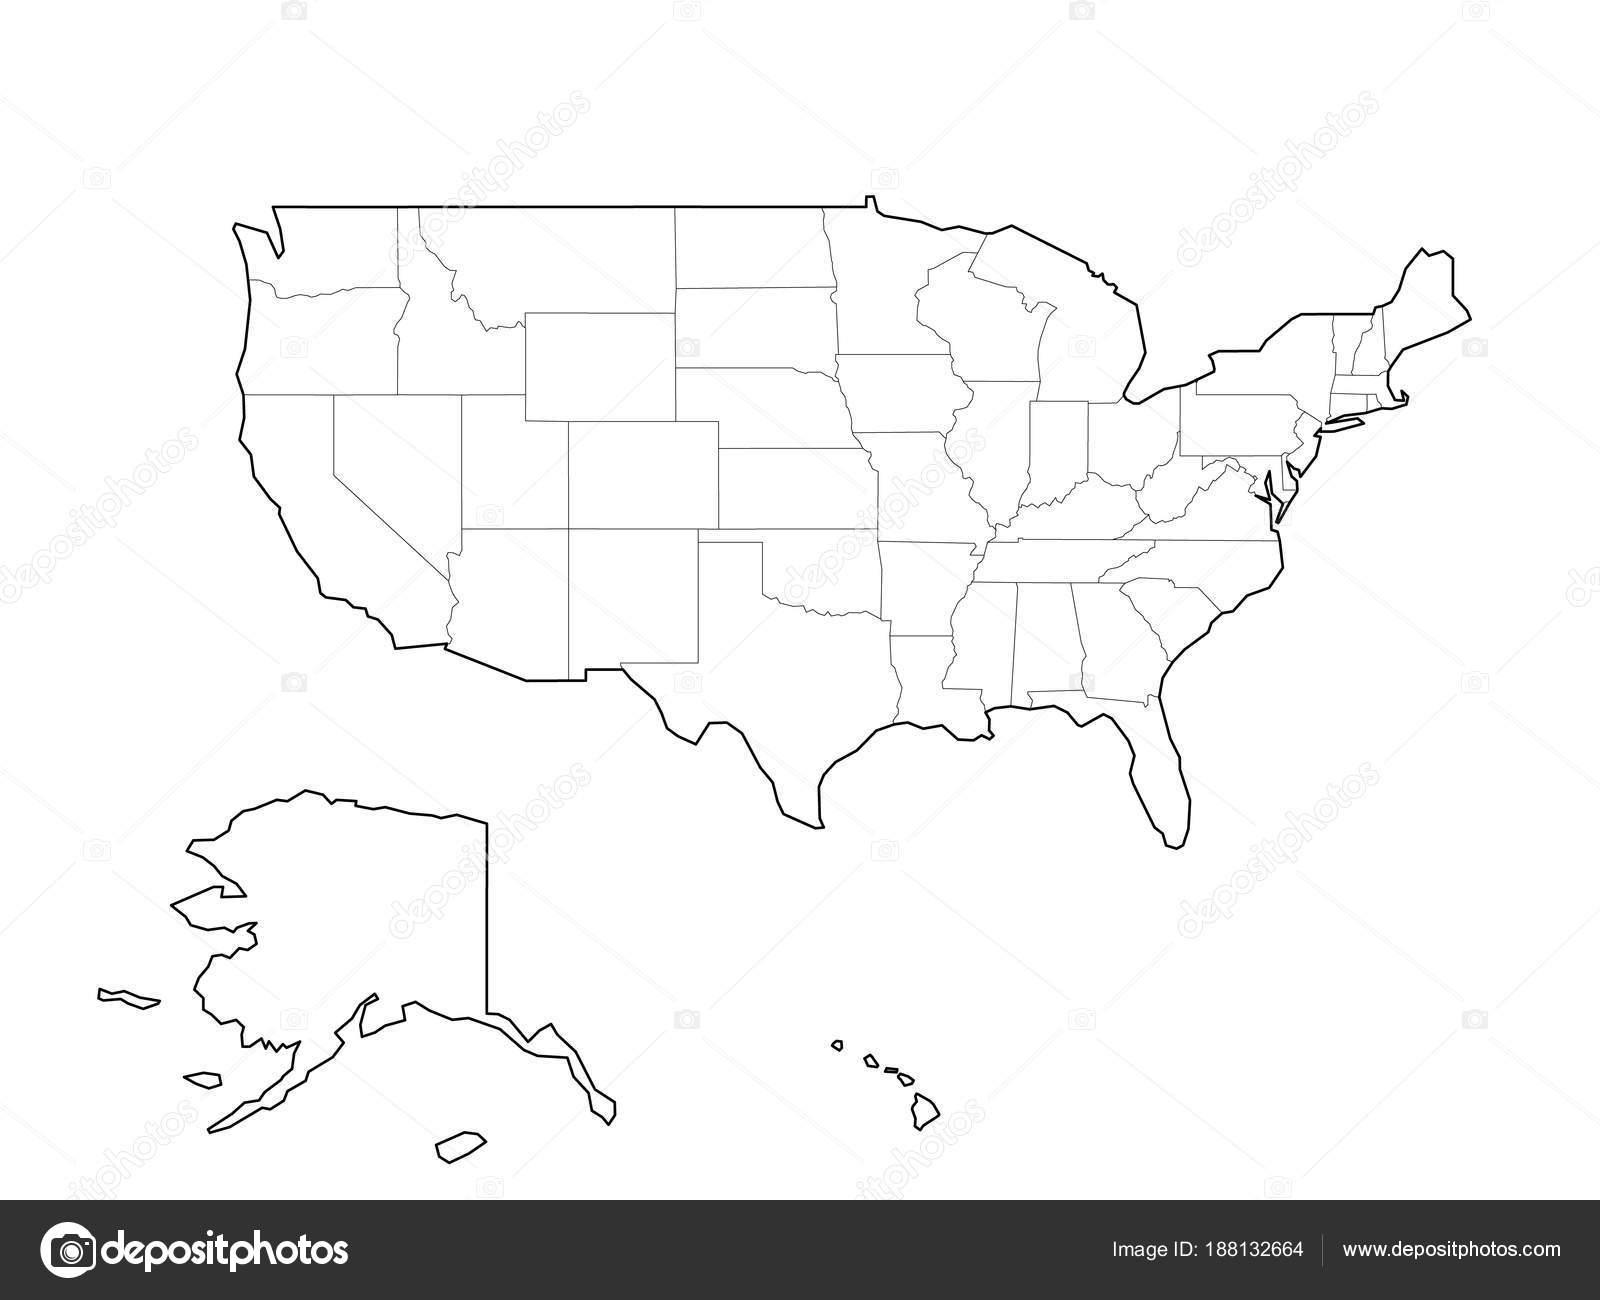 Cartina Muta Degli Stati Uniti.Vettore Usa Cartina Muta Cartina Muta In Bianco E Nero Di